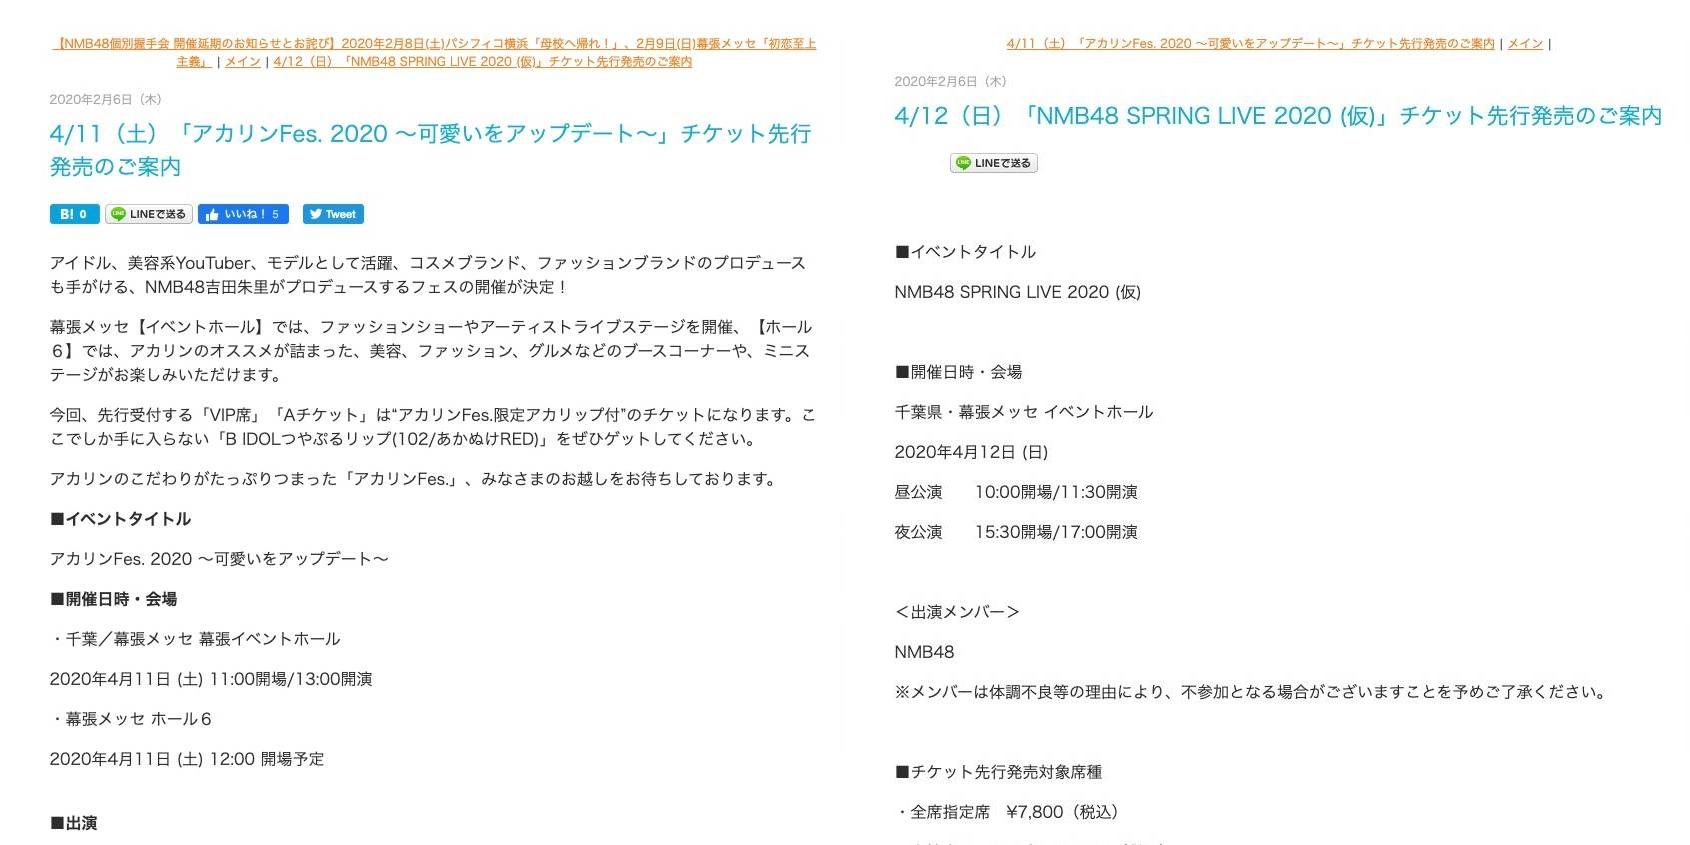 【NMB48】2/7から4/11「アカリンFes. 2020」4/12「NMB48 SPRING LIVE 2020」チケット先行発売が開始